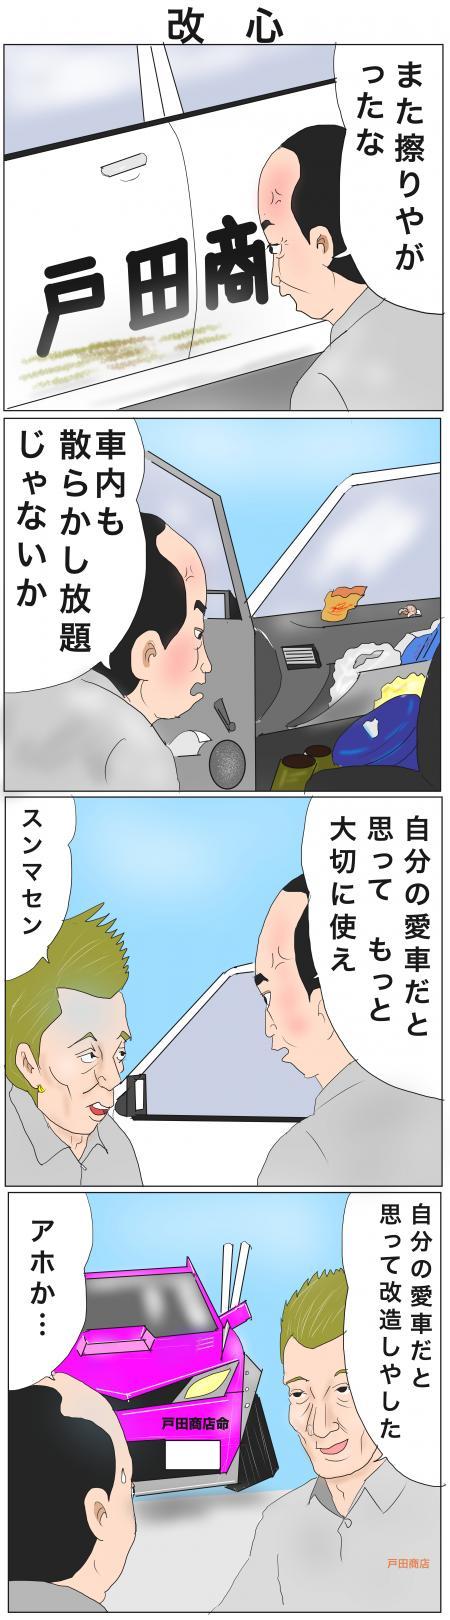 改心_convert_20141123120028